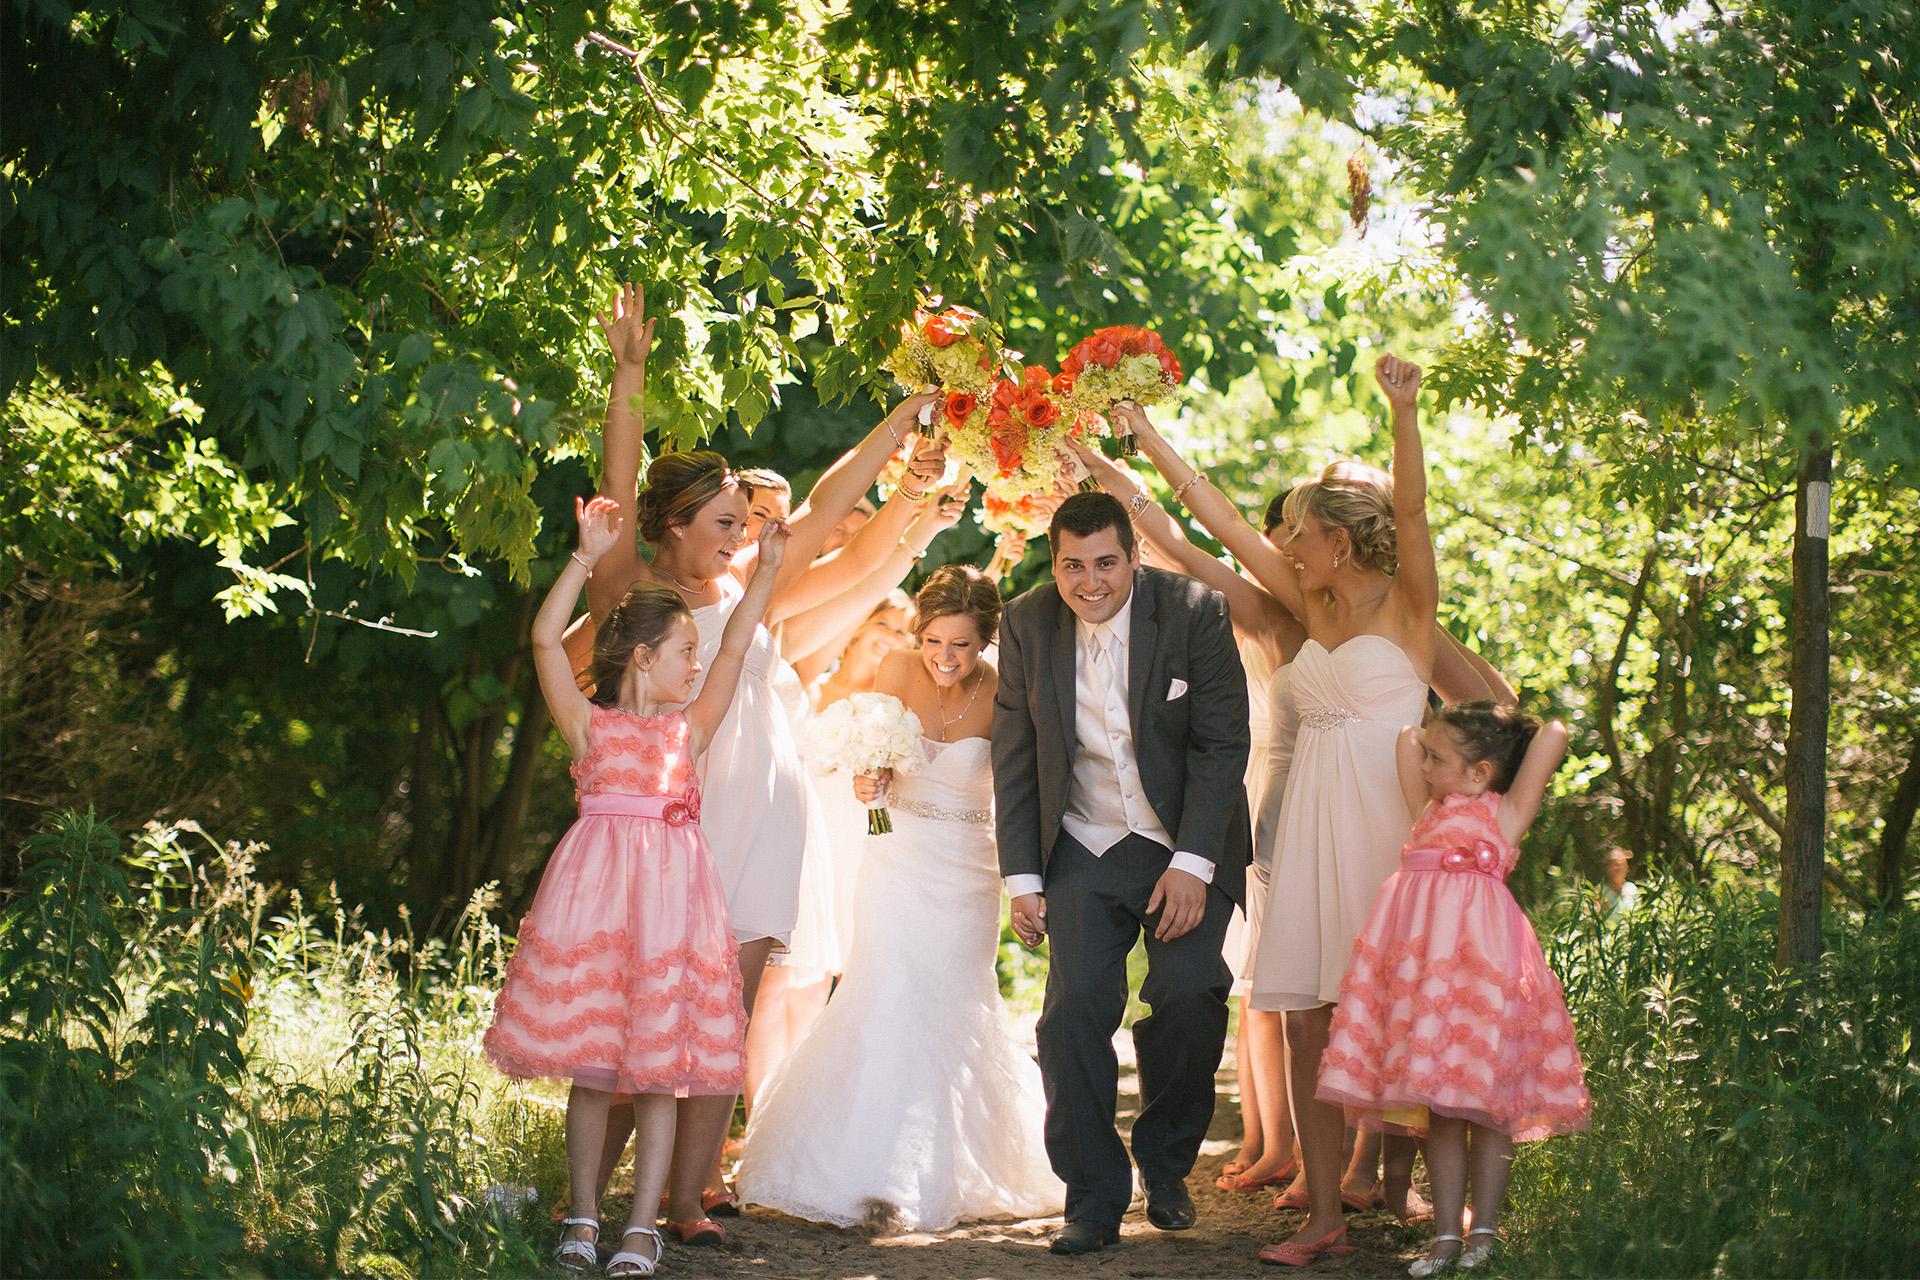 Amasa Stone Chapel Cleveland Wedding Photographer 24.jpg